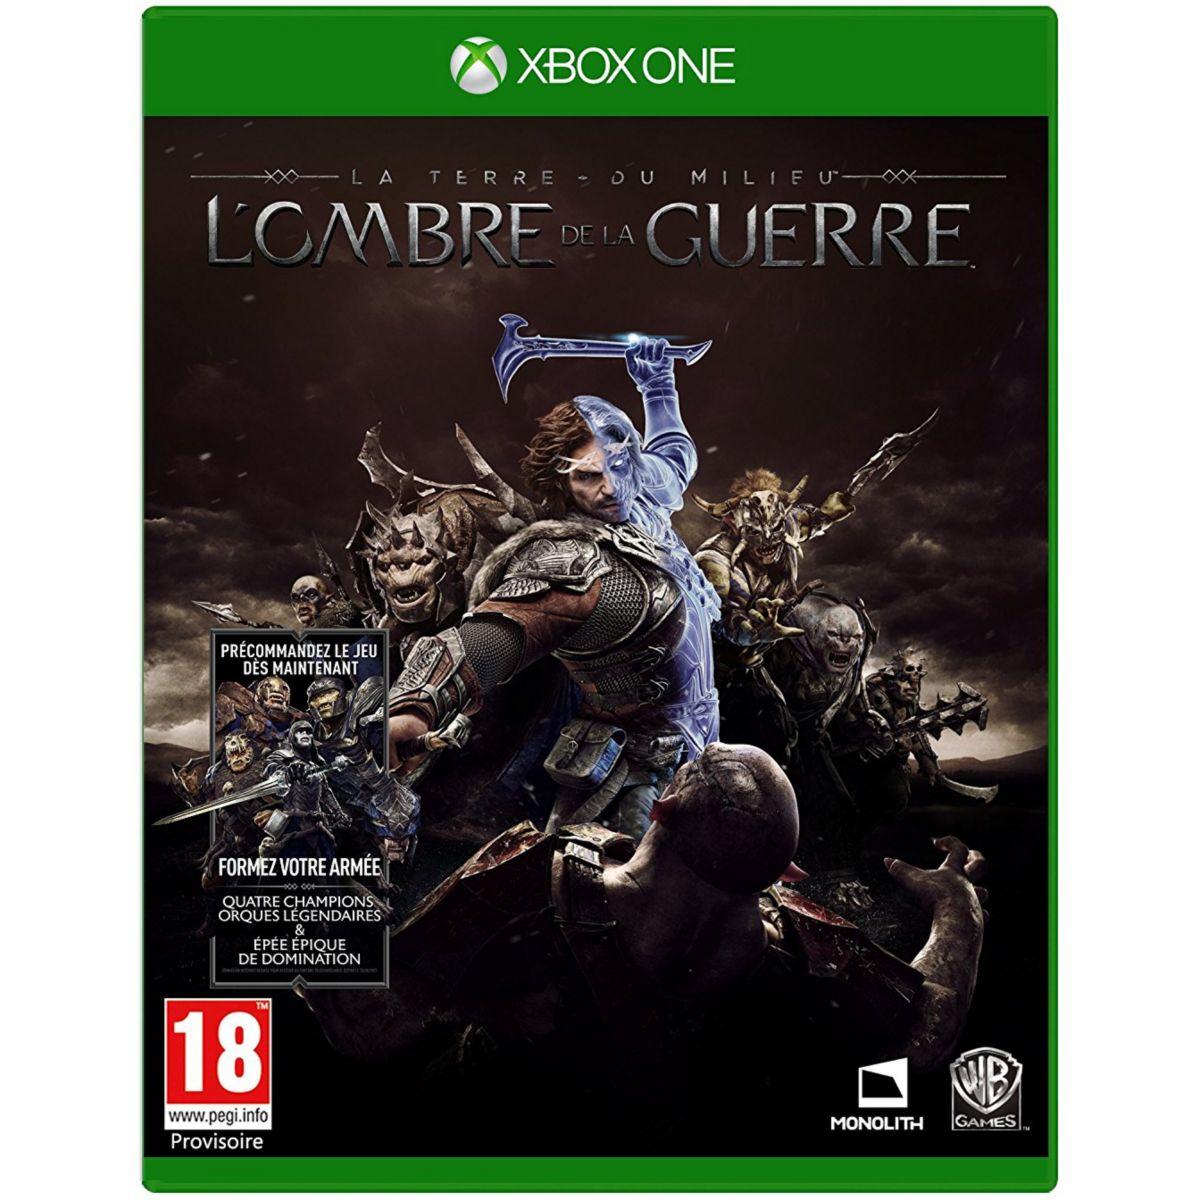 Jeu Xbox One WARNER La Terre du Milieu L'Ombre de la Guerre